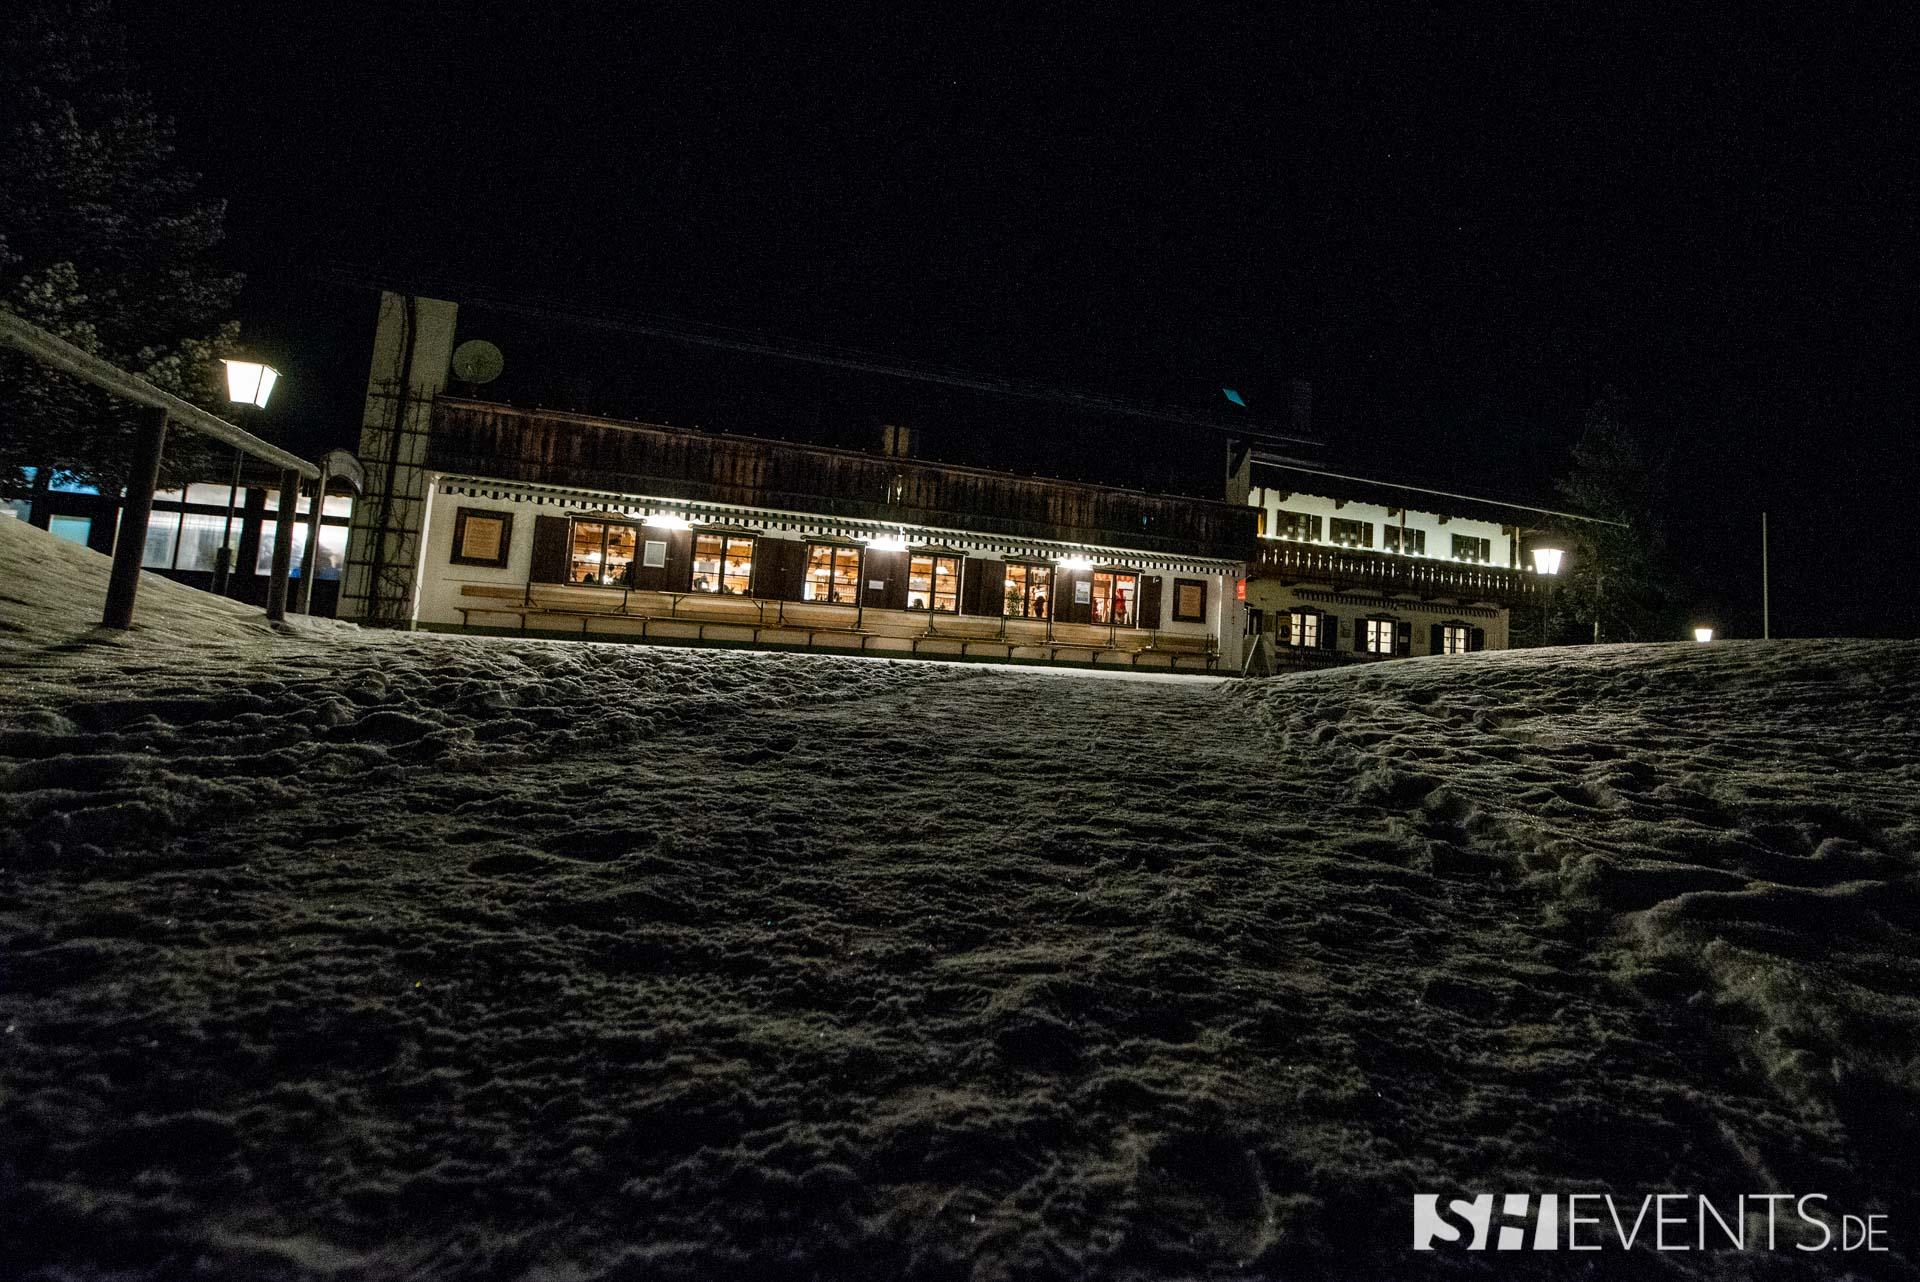 Hütte in der Nacht von außen